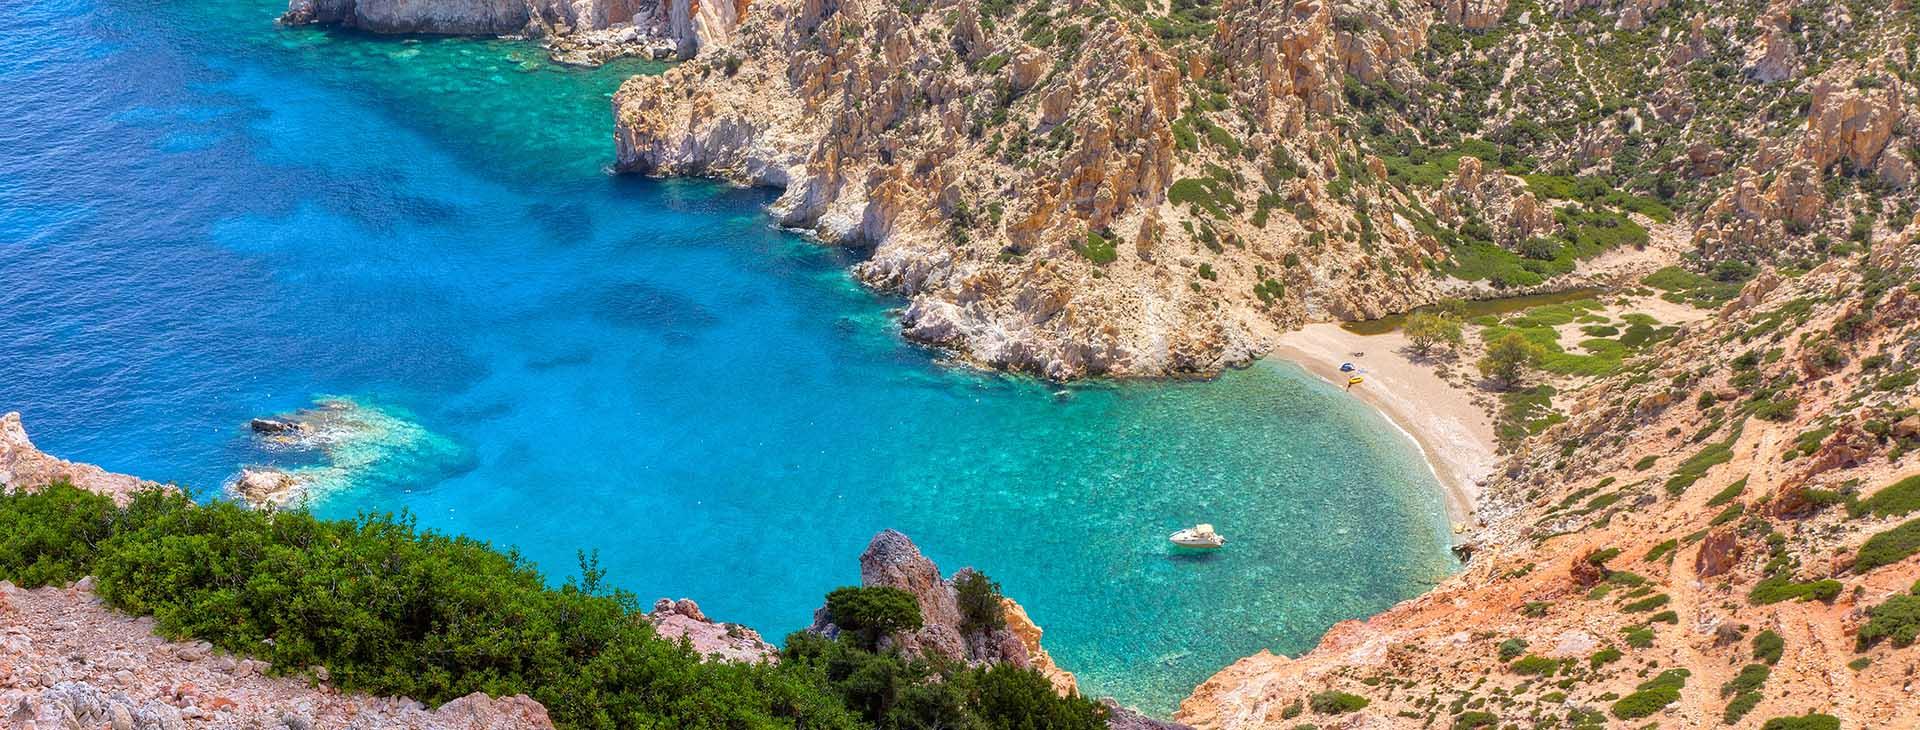 Kimolos island